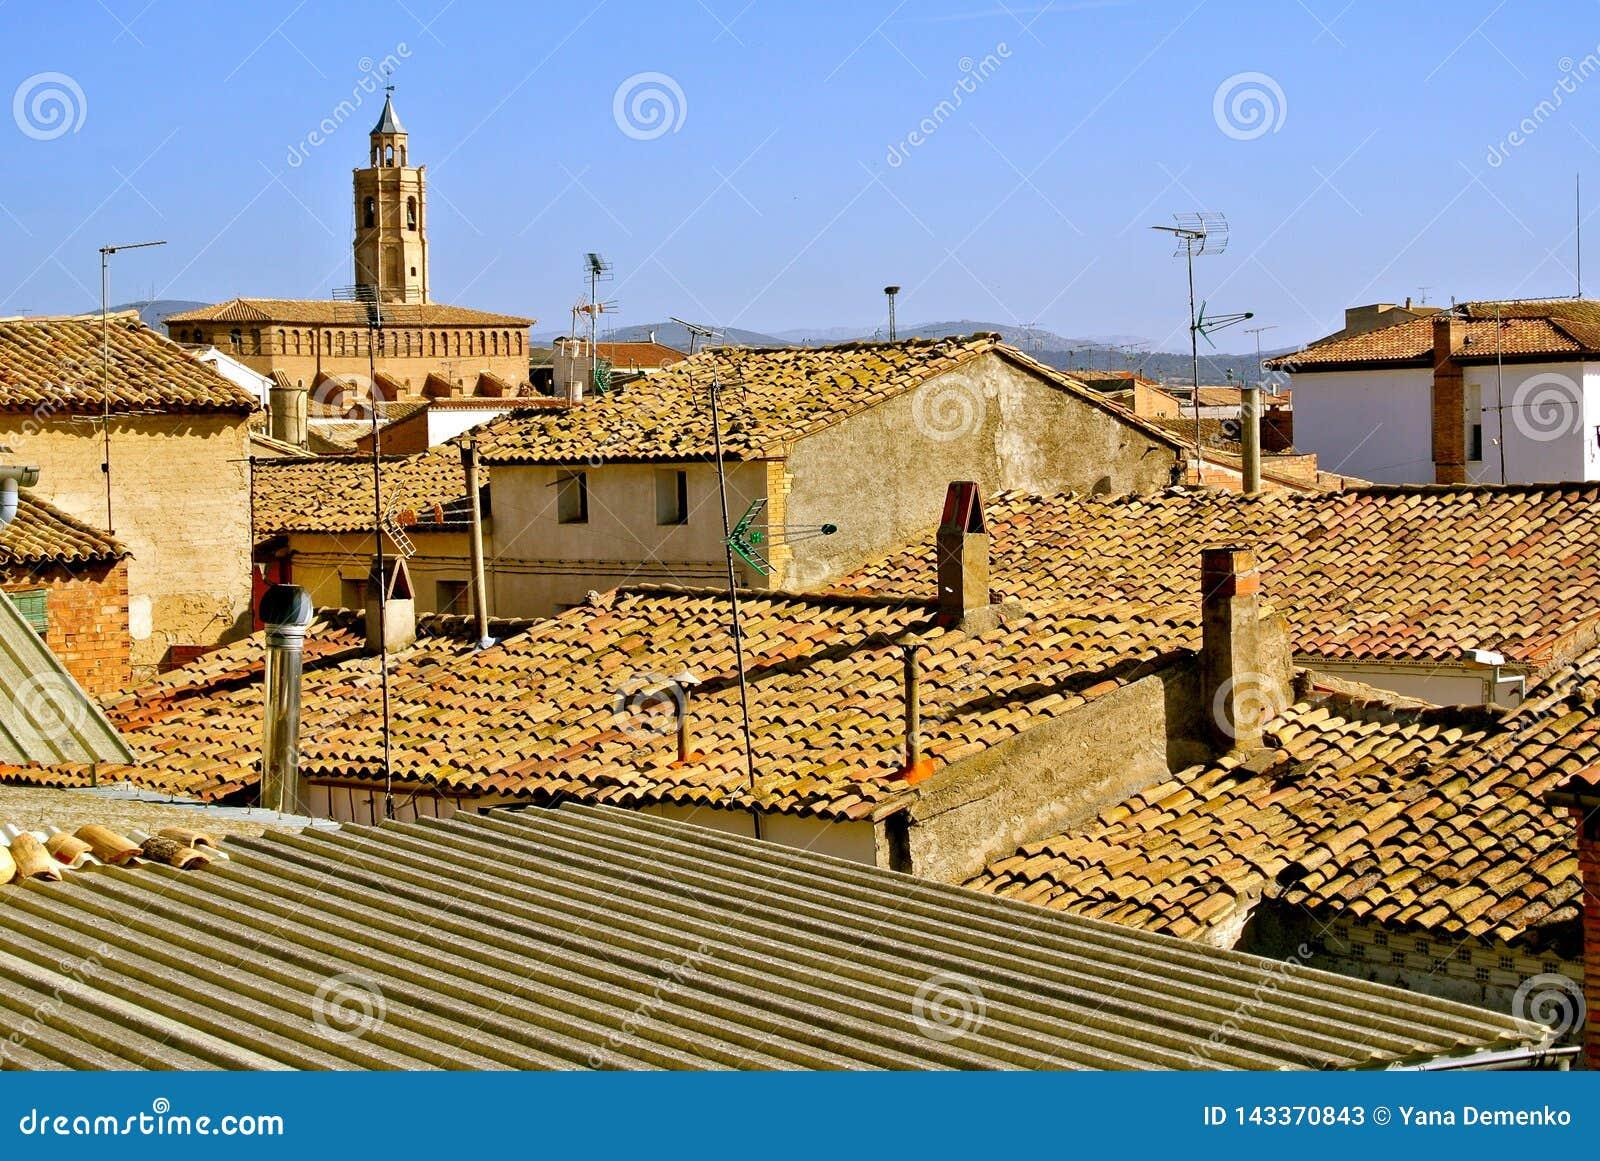 Betegelde daken van landelijke huizen en de koepel van de kerk